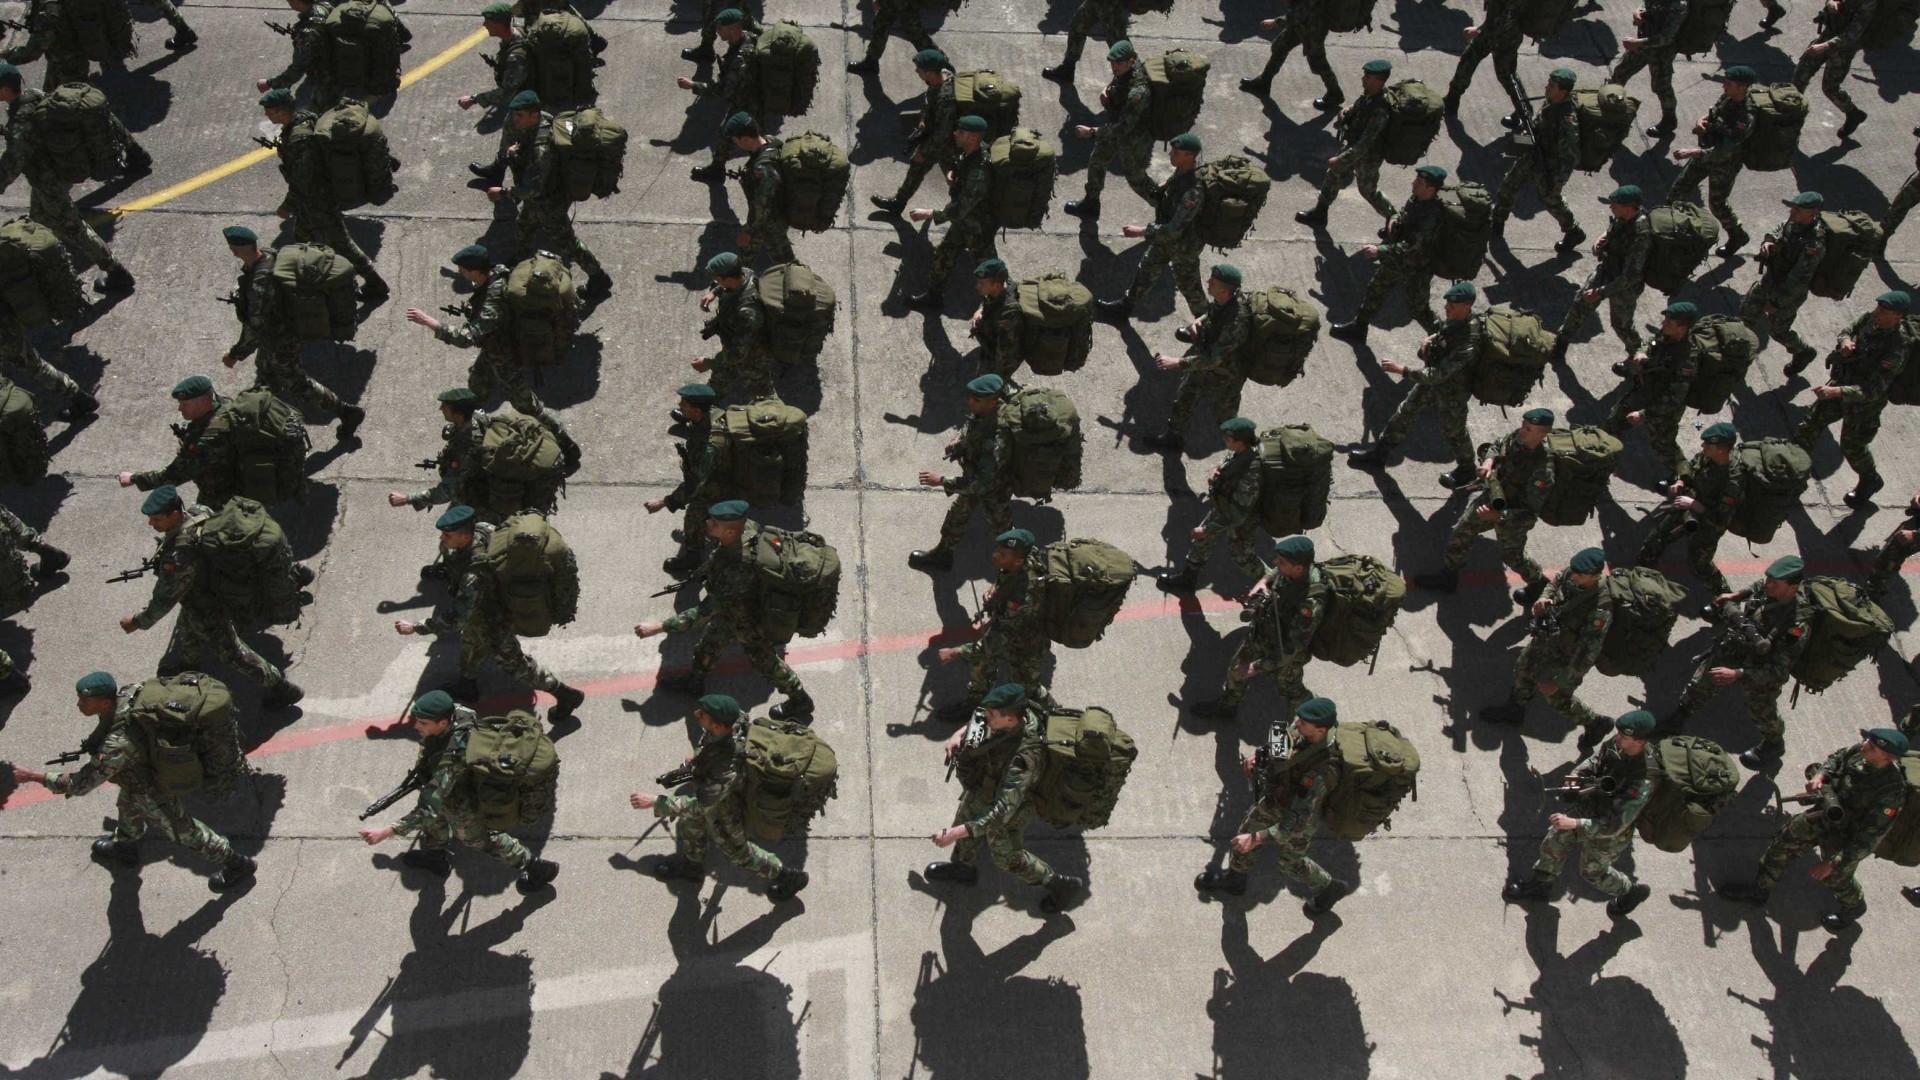 Tancos: Faltam as munições de 9mm no material encontrado